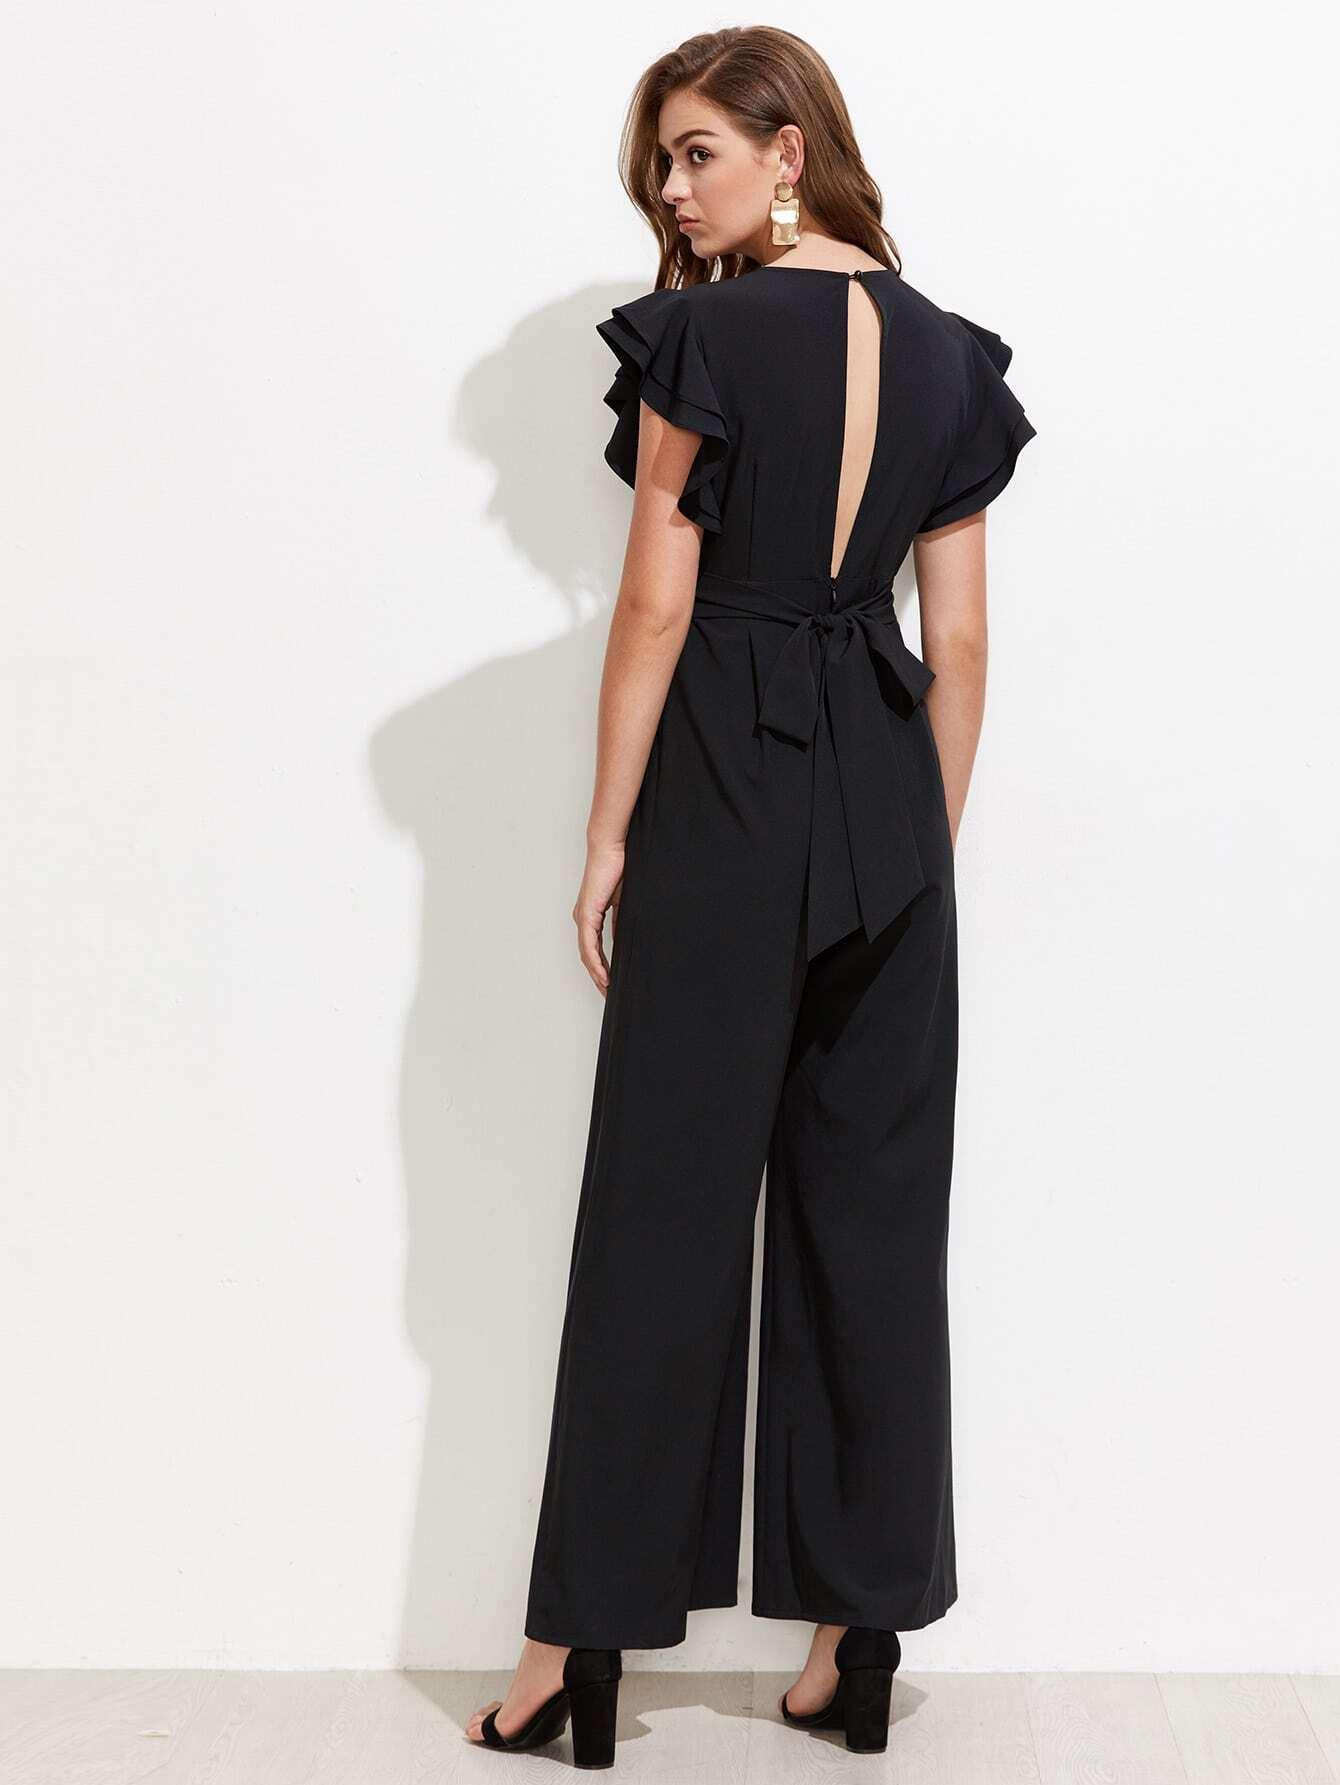 3da03394981 Long Empire Waist Evening Dress With Short Flutter Sleeves - Gomes ...